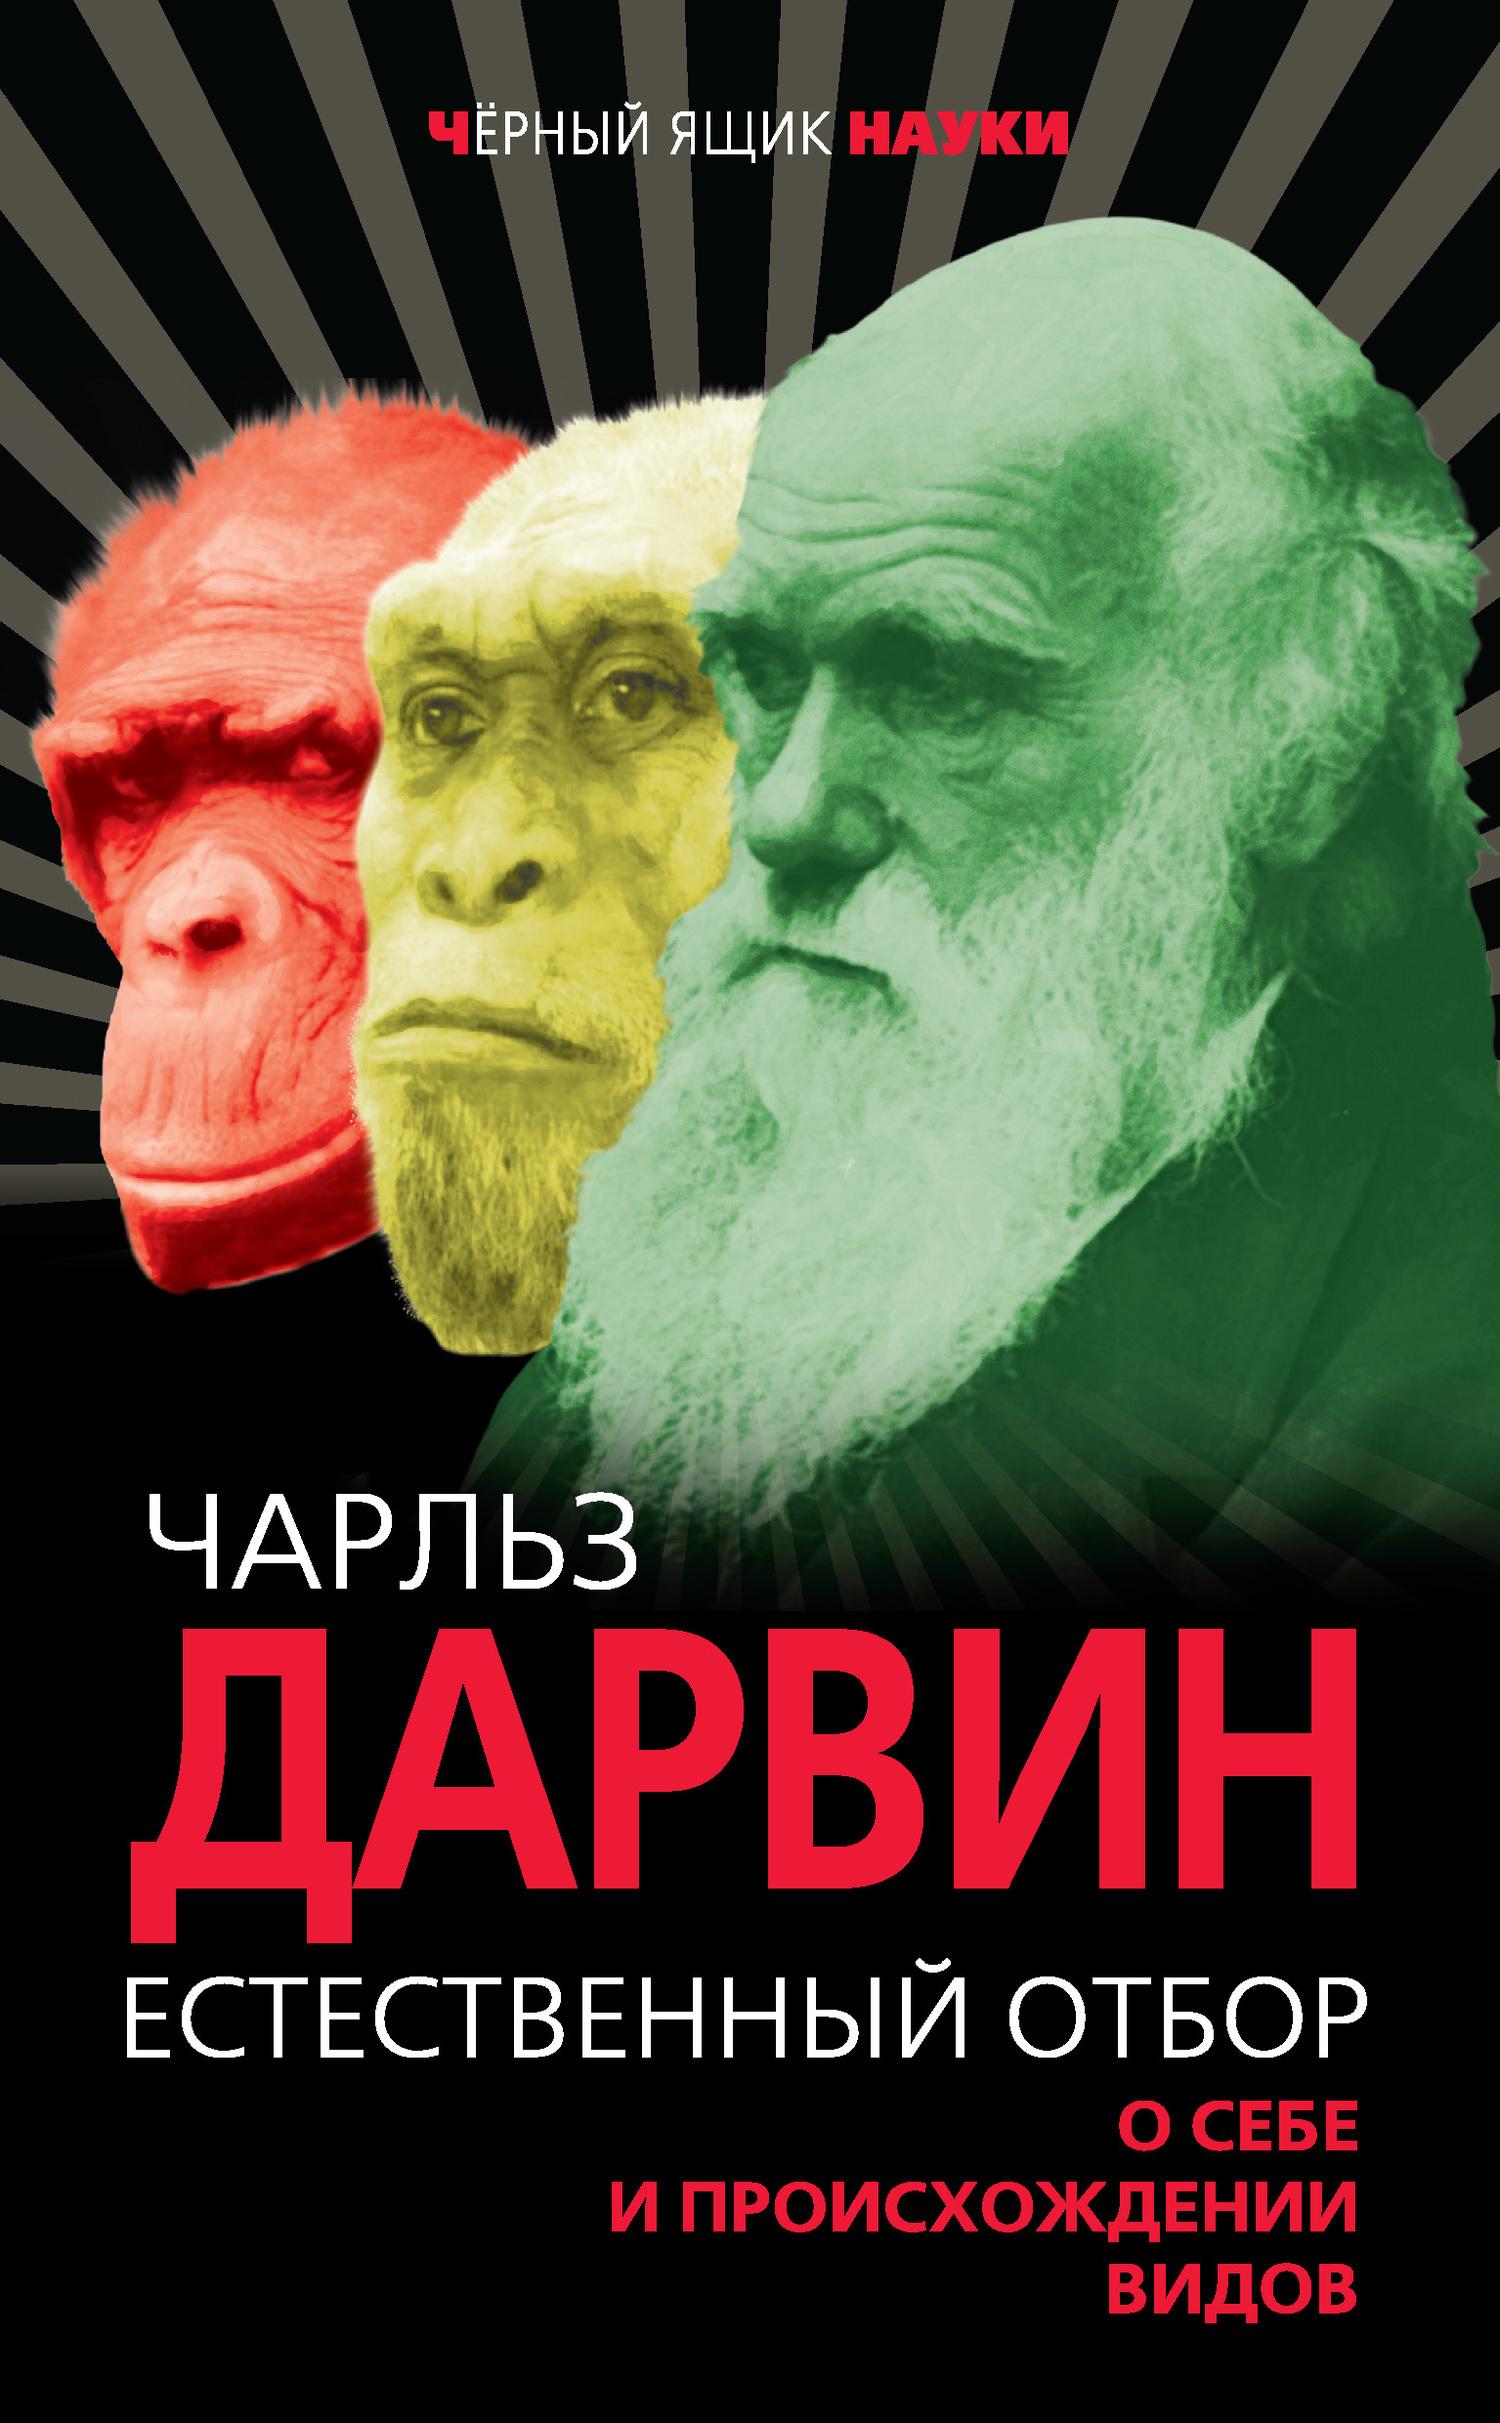 Чарльз Дарвин Естественный отбор. О себе и происхождении видов (сборник) книги рипол классик великие имена чарльз дарвин